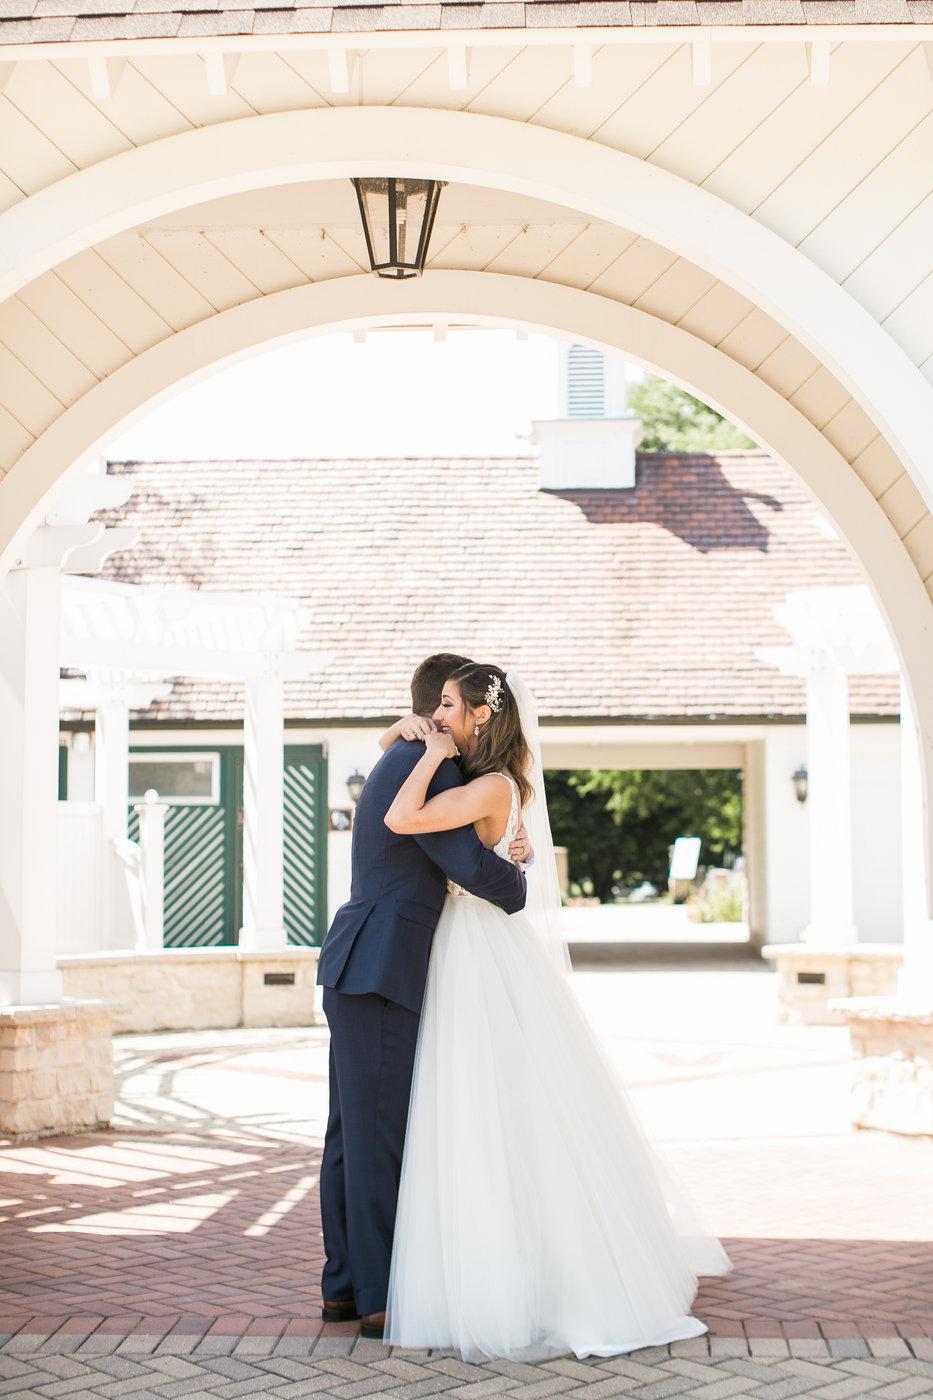 w e g n e r-newlyweds-0010.jpg